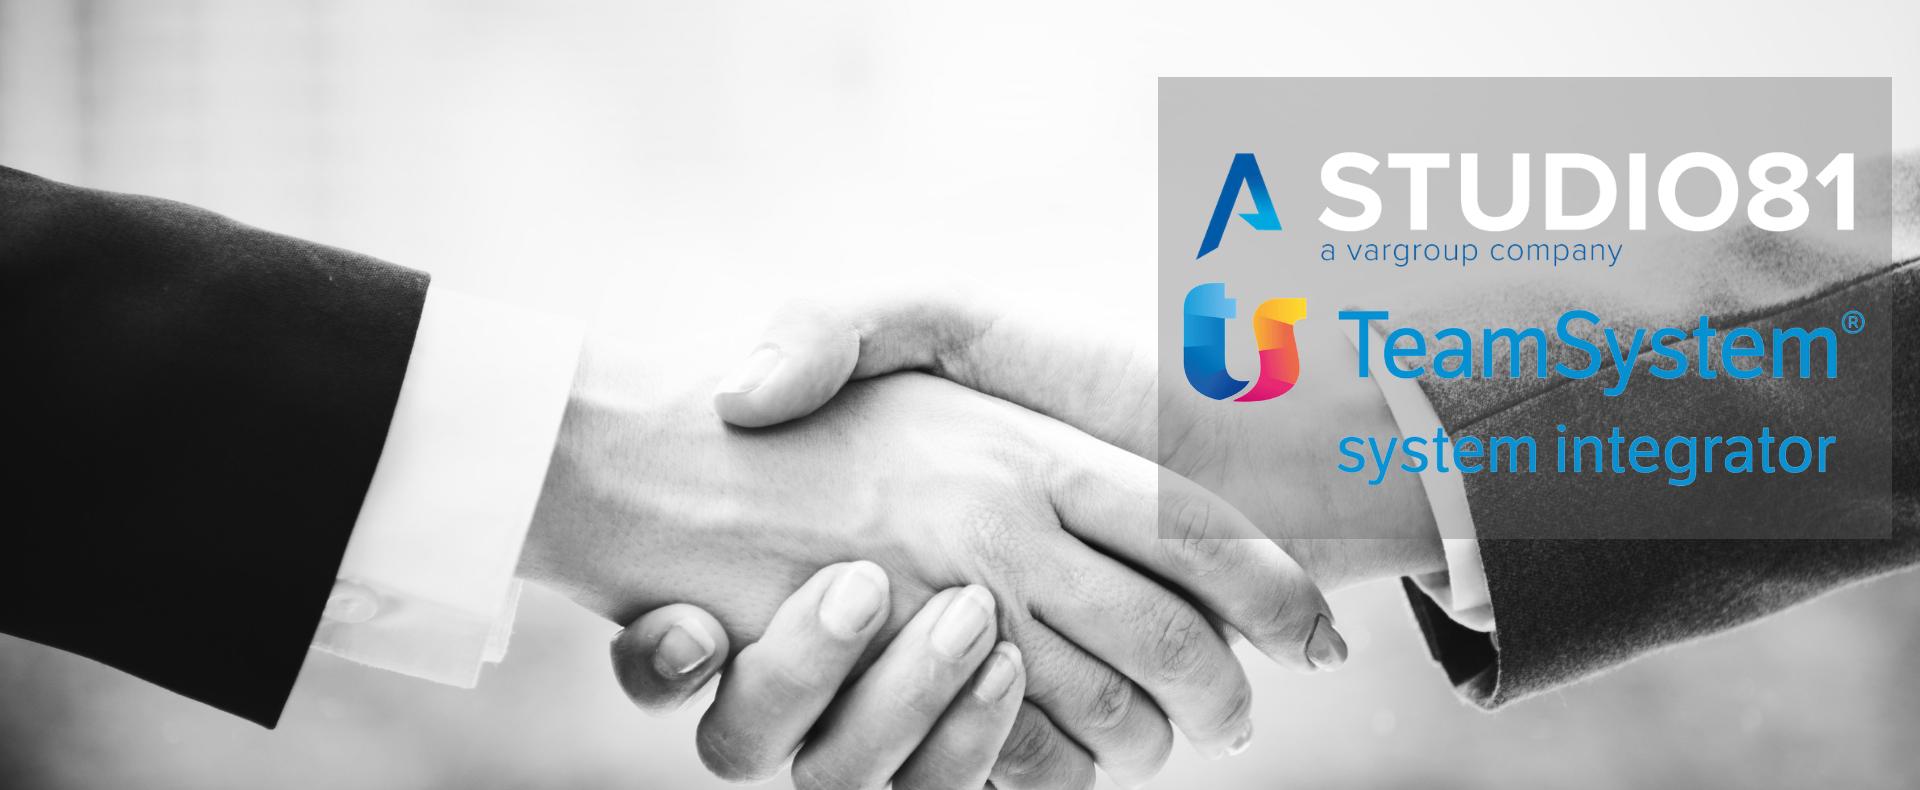 Alleanza strategica  Nasce una nuova Partnership con  TeamSystem